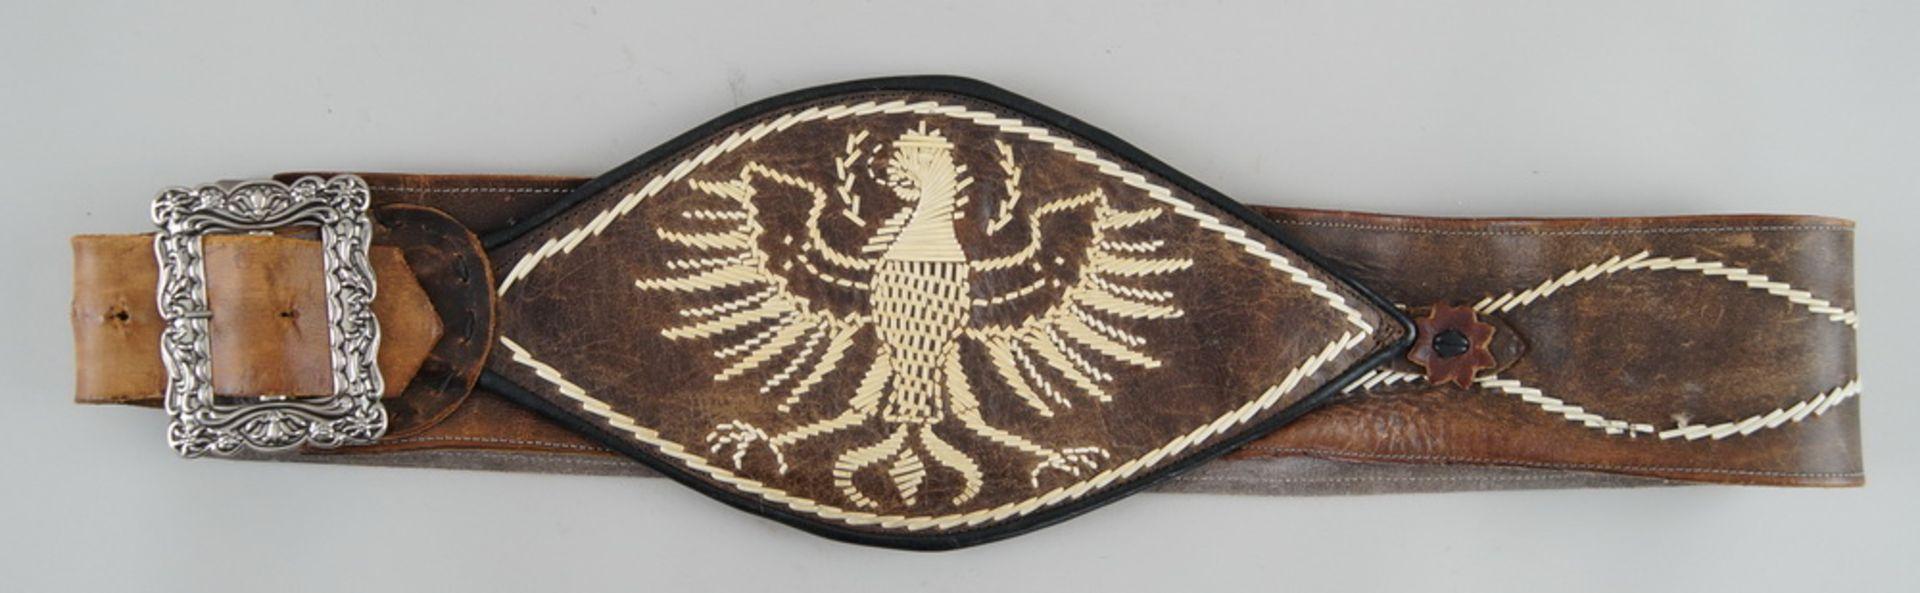 Los 36 - Alter Lederranzen, bestickt, Altersspuren, L 126cm